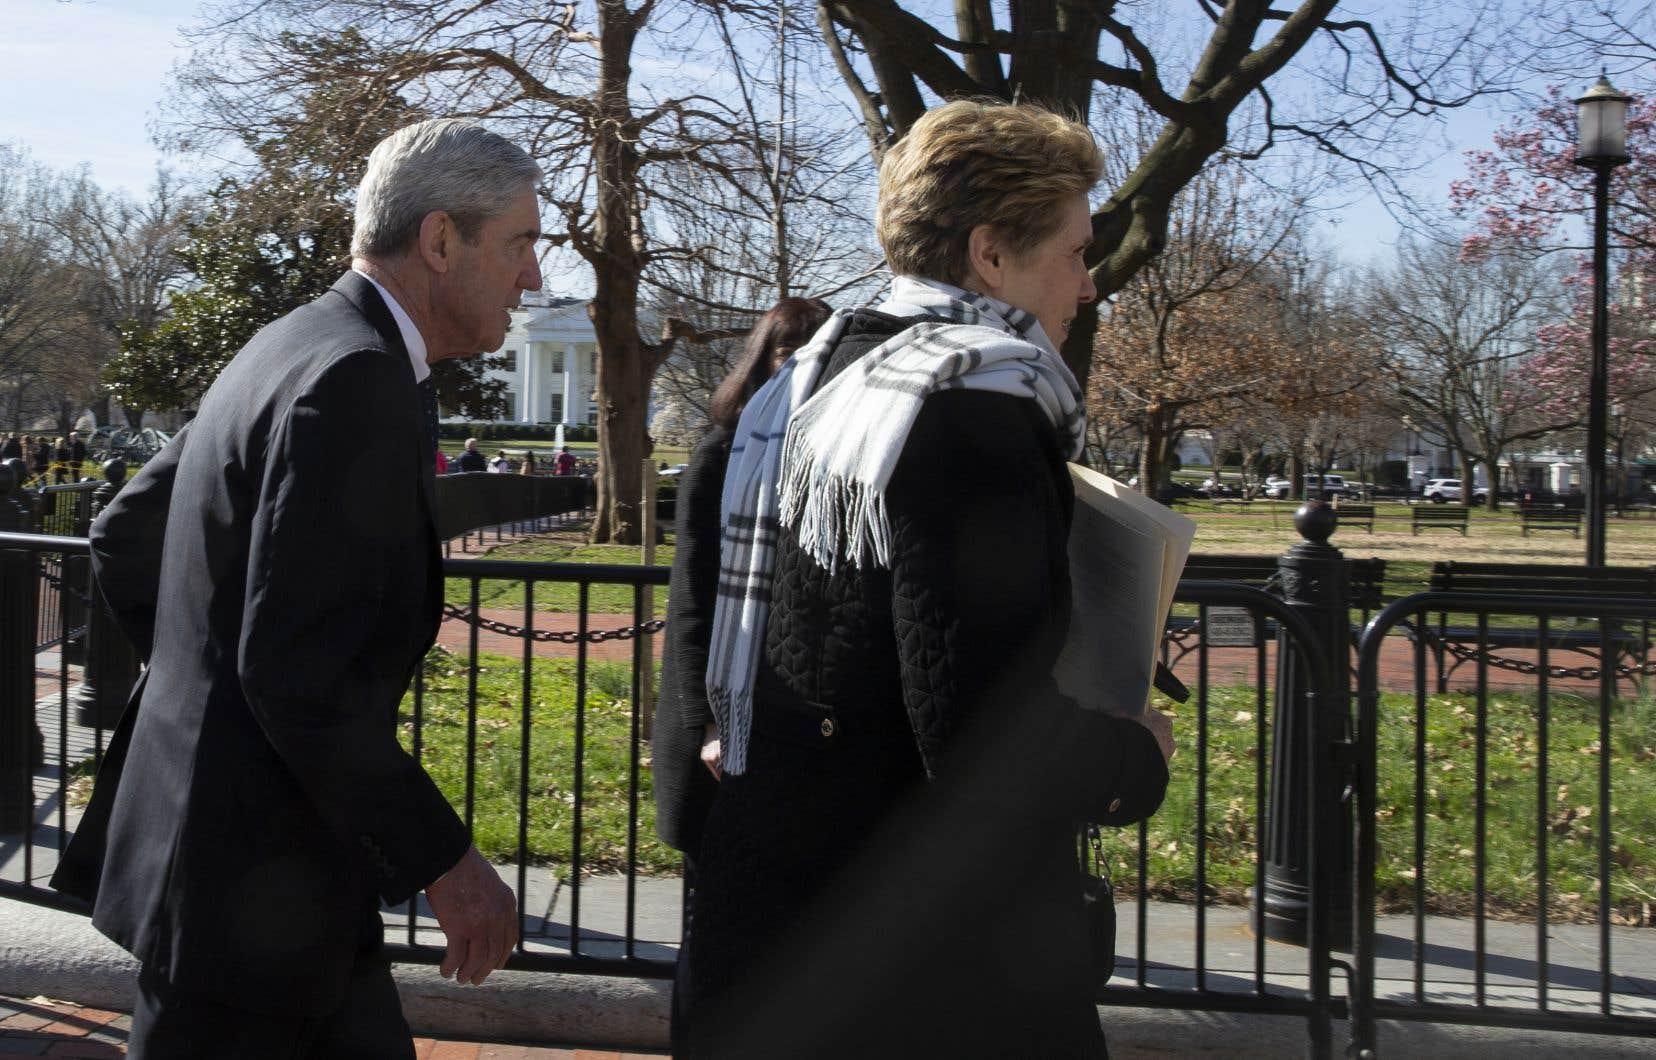 Le procureur spécial Robert Mueller s'est rendu avec sa femme, dimanche, dans une église à un jet de pierre de la Maison-Blanche.